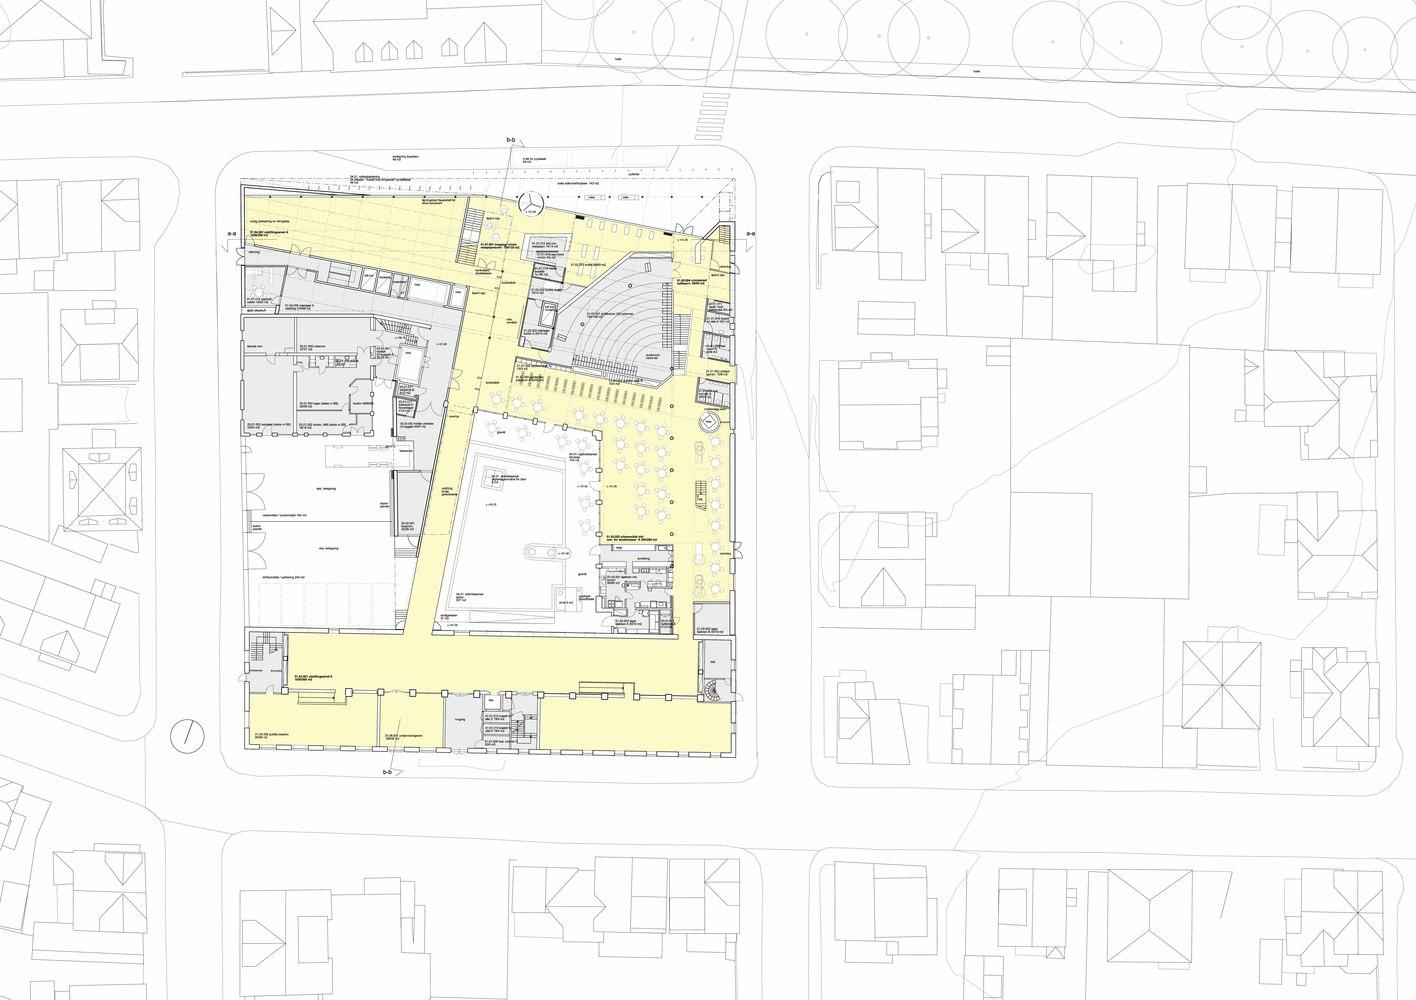 hight resolution of stavanger museum of archeology lund slaatto architects ground floor plan